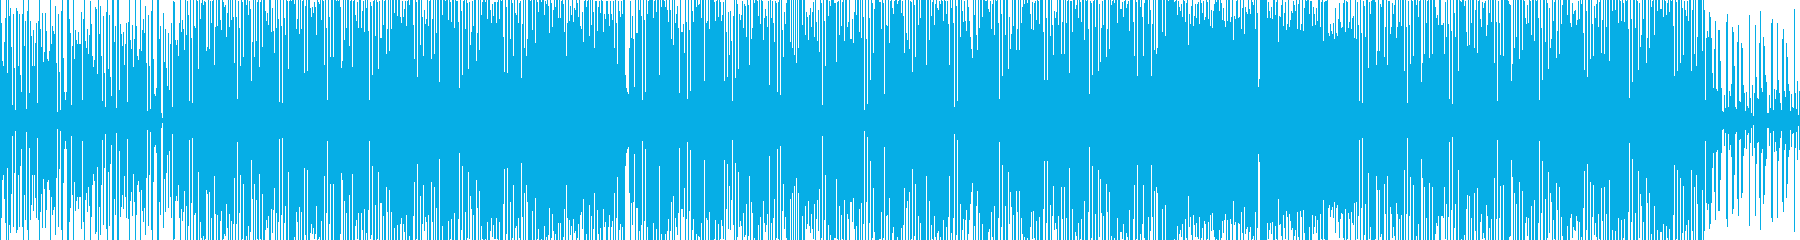 日常系かわいいFUNKの再生済みの波形